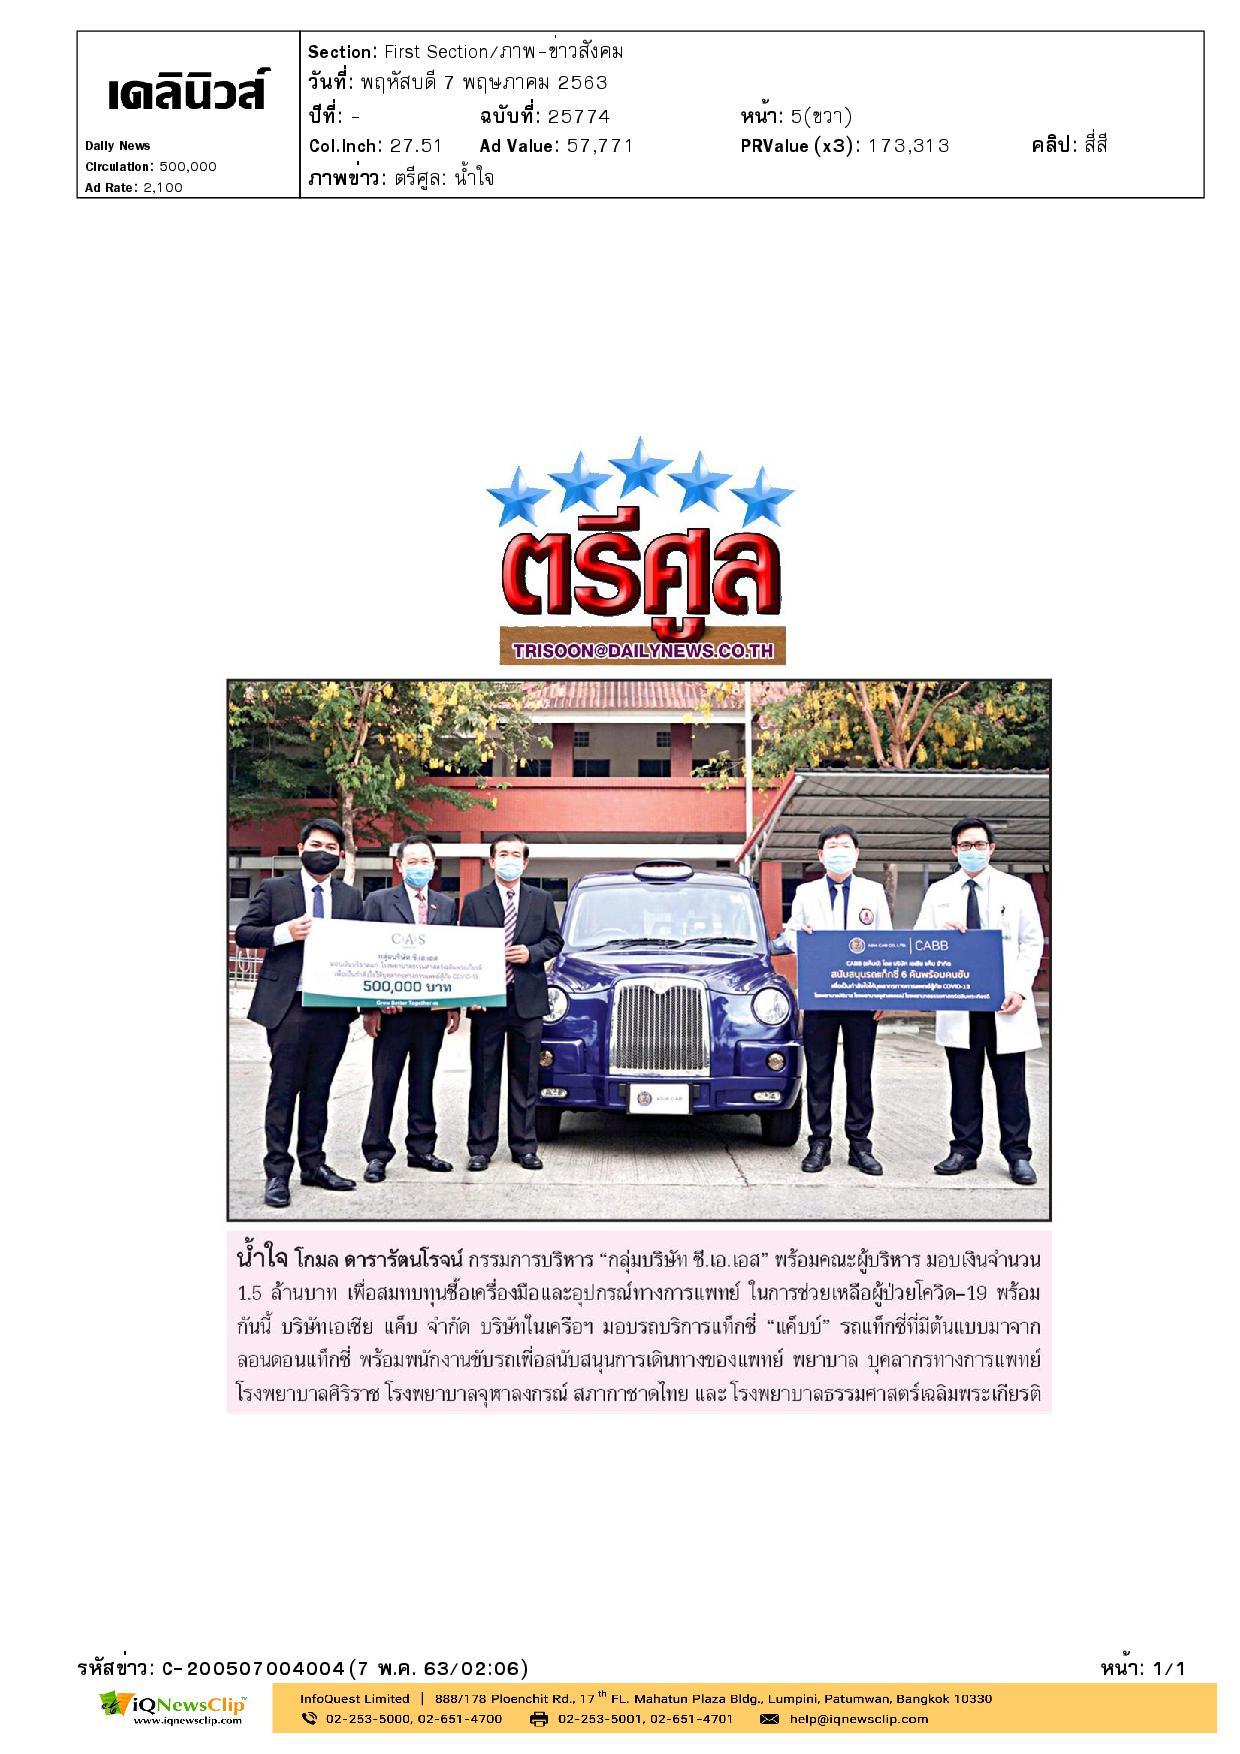 บริษัท เอเชียแค็บ จำกัด ส่งรถแท็กซี่สาธารณะที่รพ.จุฬาฯ